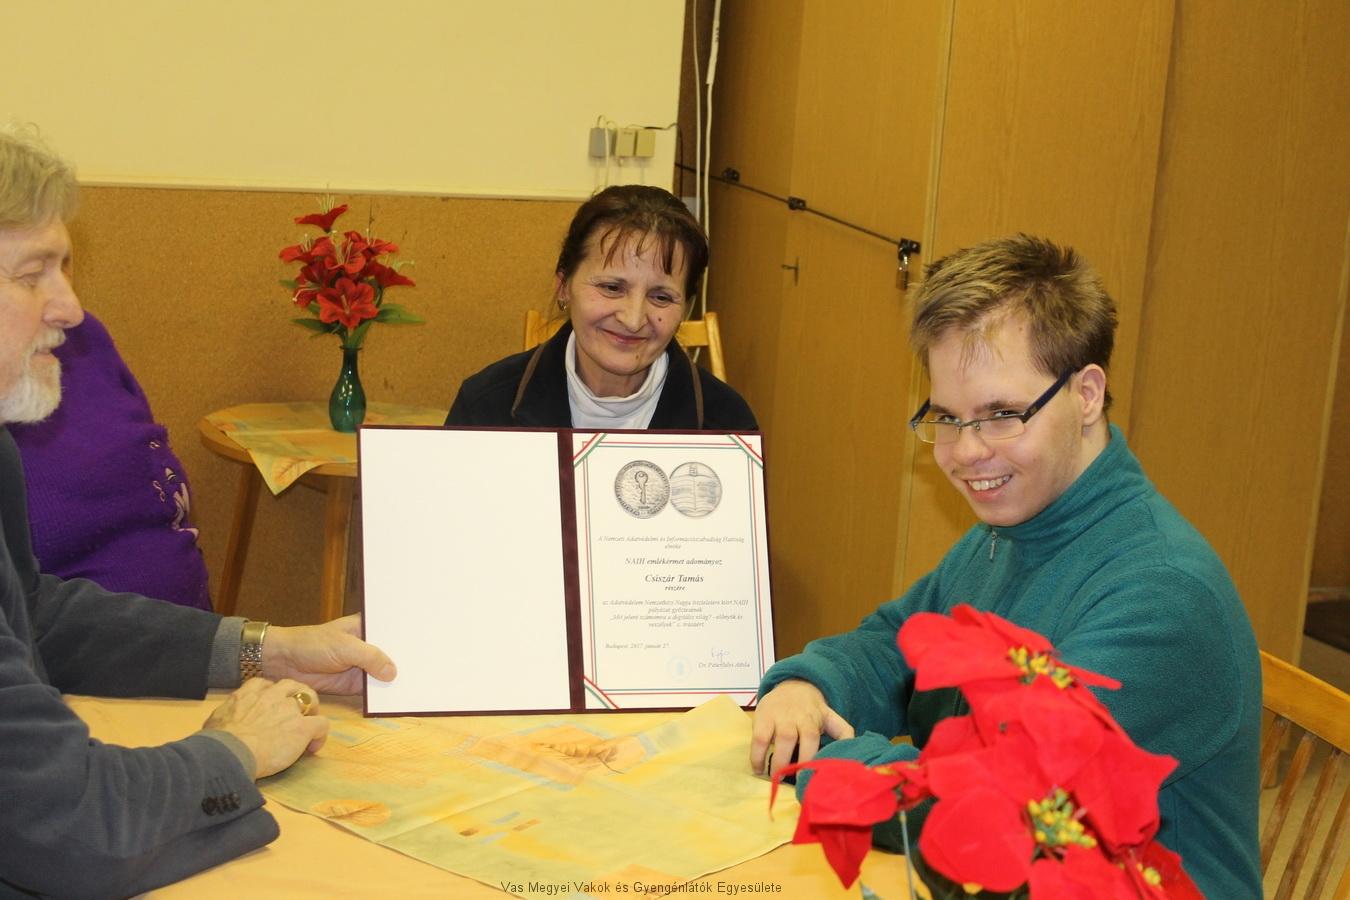 Márkus Árpád, Imre Marianna és Csiszár Tamás az oklevéllel. A képen mosolyognak. Előkerültek az iskolai történetek is a beszélgetés közben.